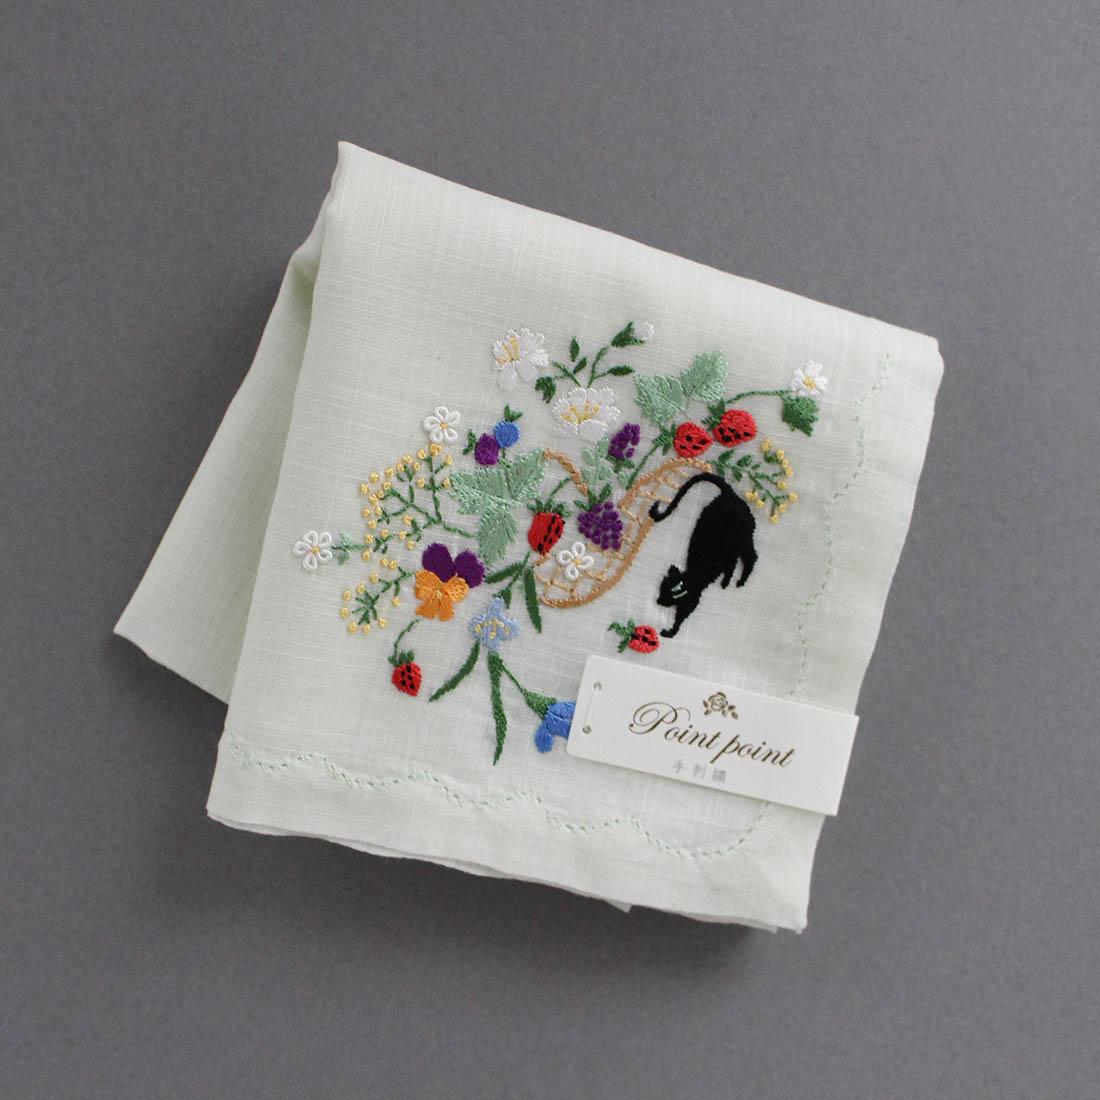 ポワンポワン ベトナム手刺繍ハンカチ 果物とネコ ライトグリーン